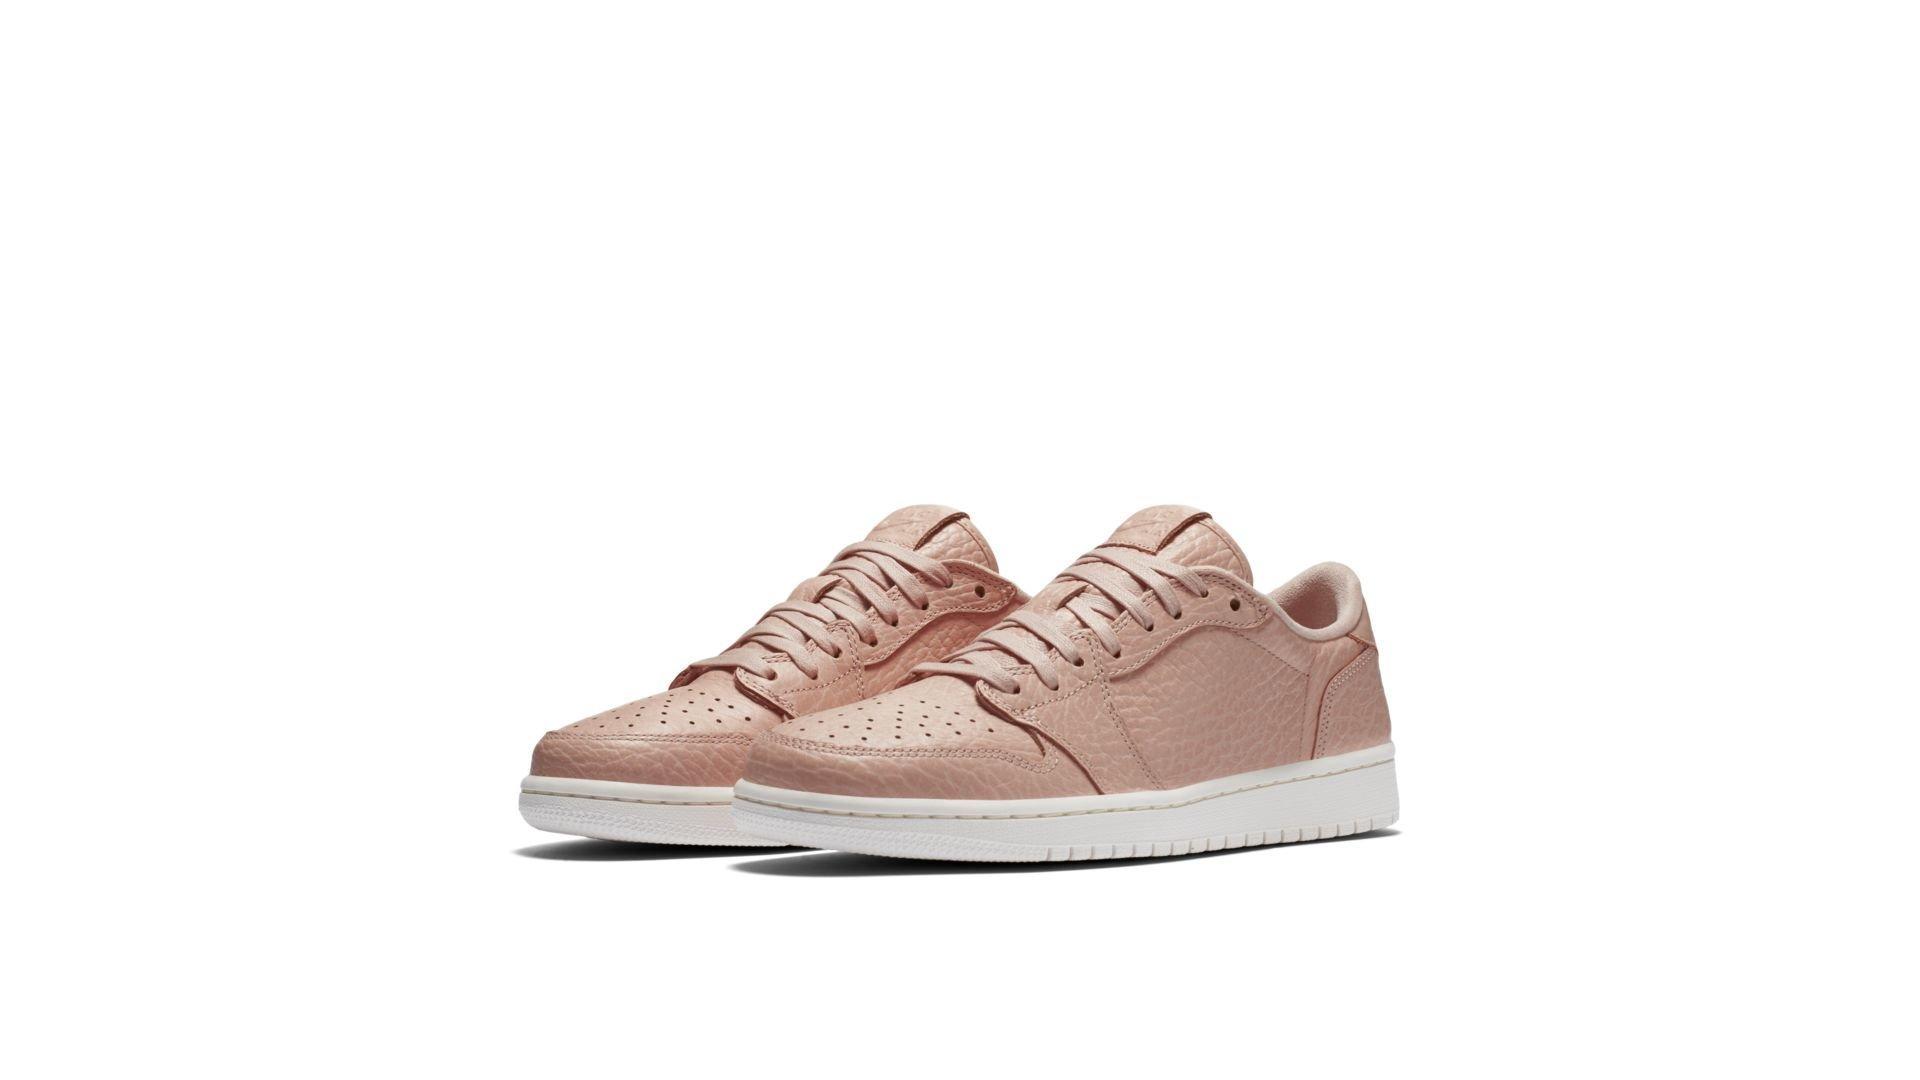 Jordan 1 Retro Low Swooshless Pink (848775-805)